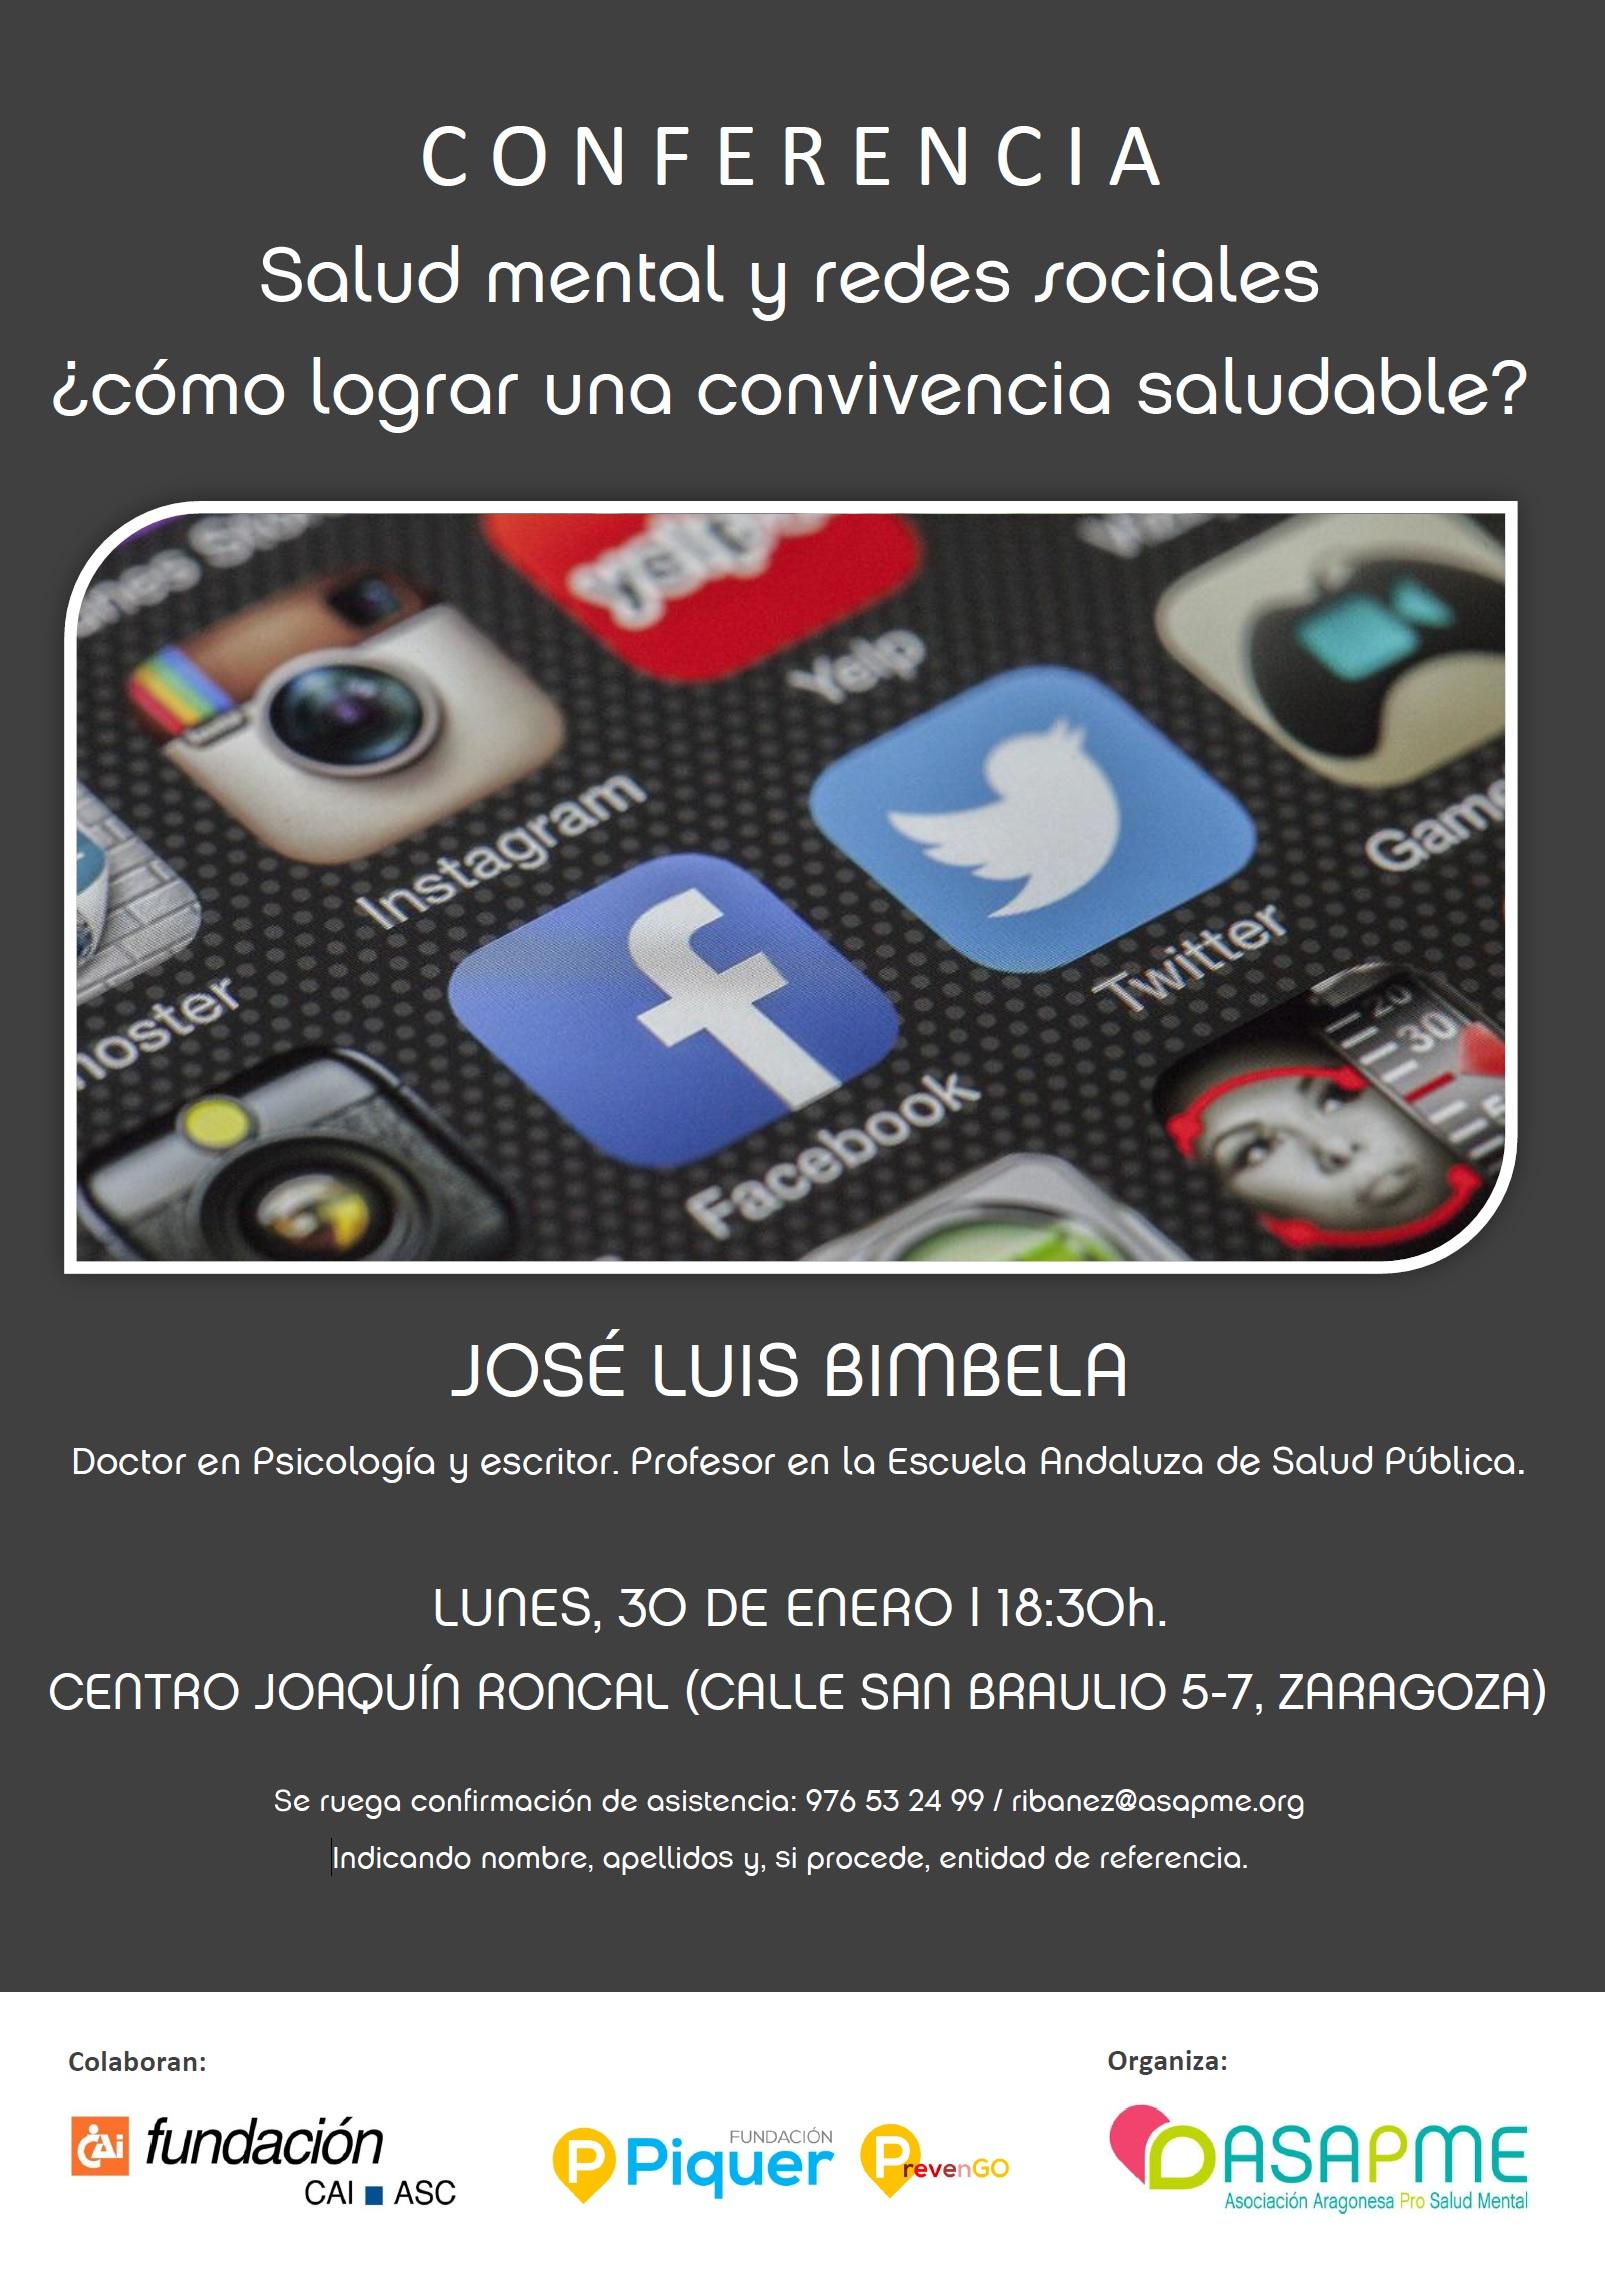 CARTEL CONFERENCIA SALUD MENTAL Y REDES SOCIALES2